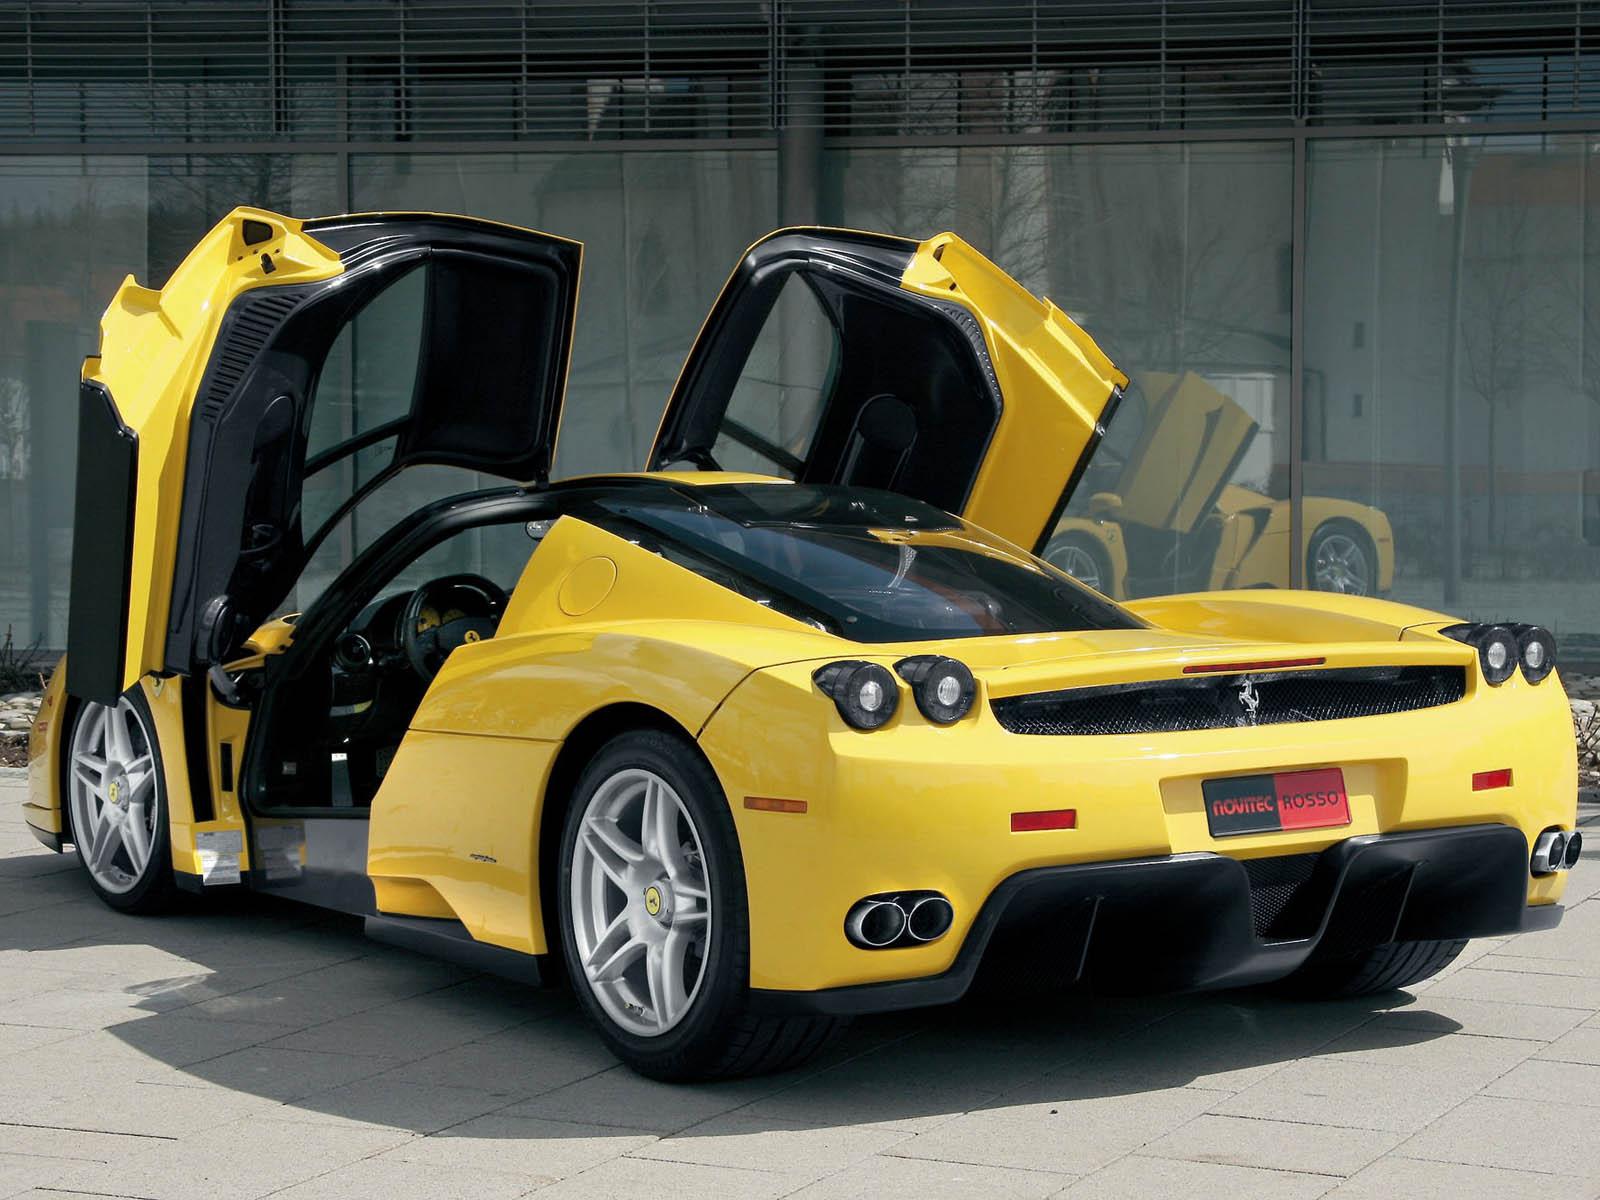 Entertainment Ferrari Enzo price